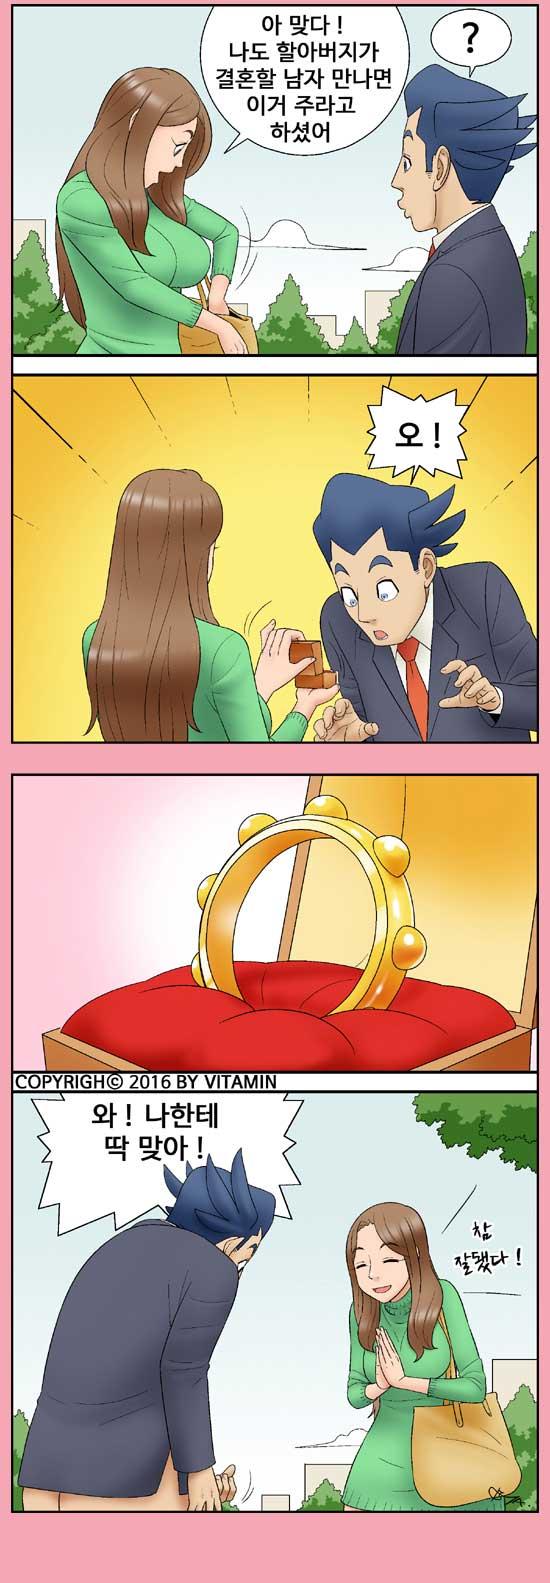 결혼의 물건_1